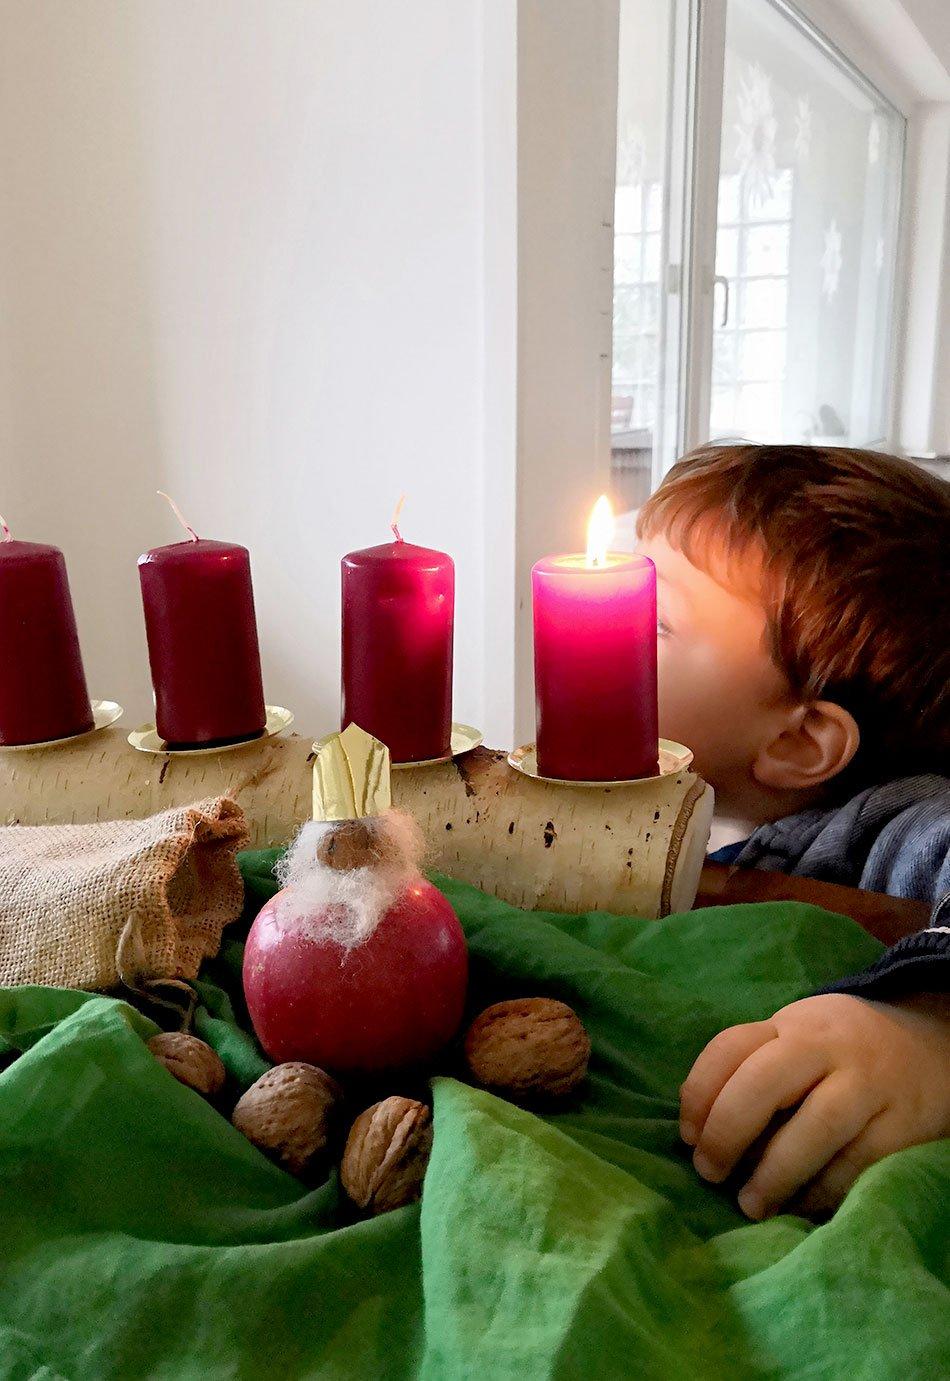 Nikolaus basteln, DIY, Advent, gesund backen, Weihnachten, ohne Schokolade, nachhaltig